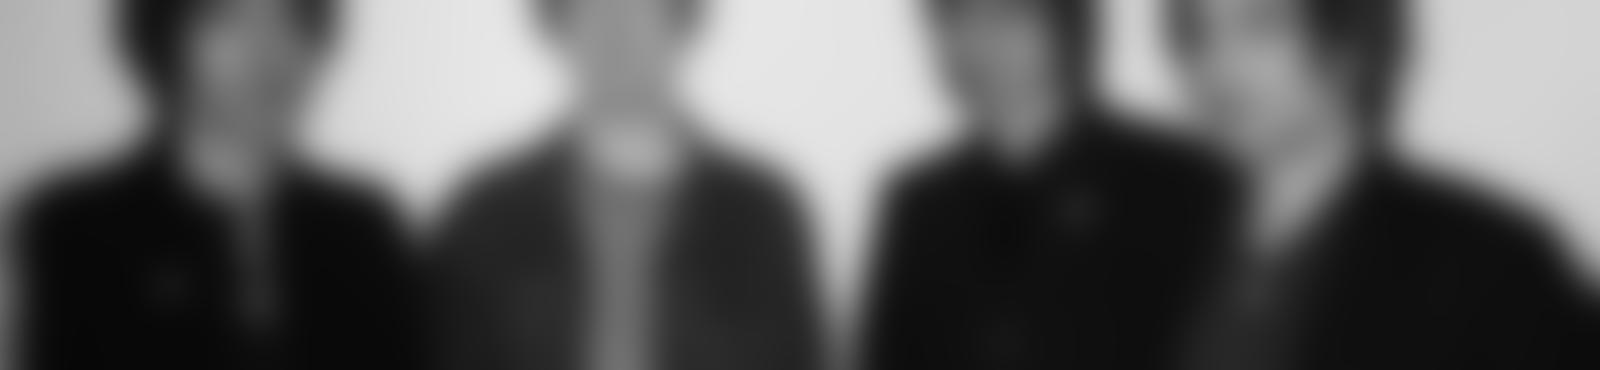 Blurred 22d4b705 391b 4a89 8c25 5e5aaa0f733d